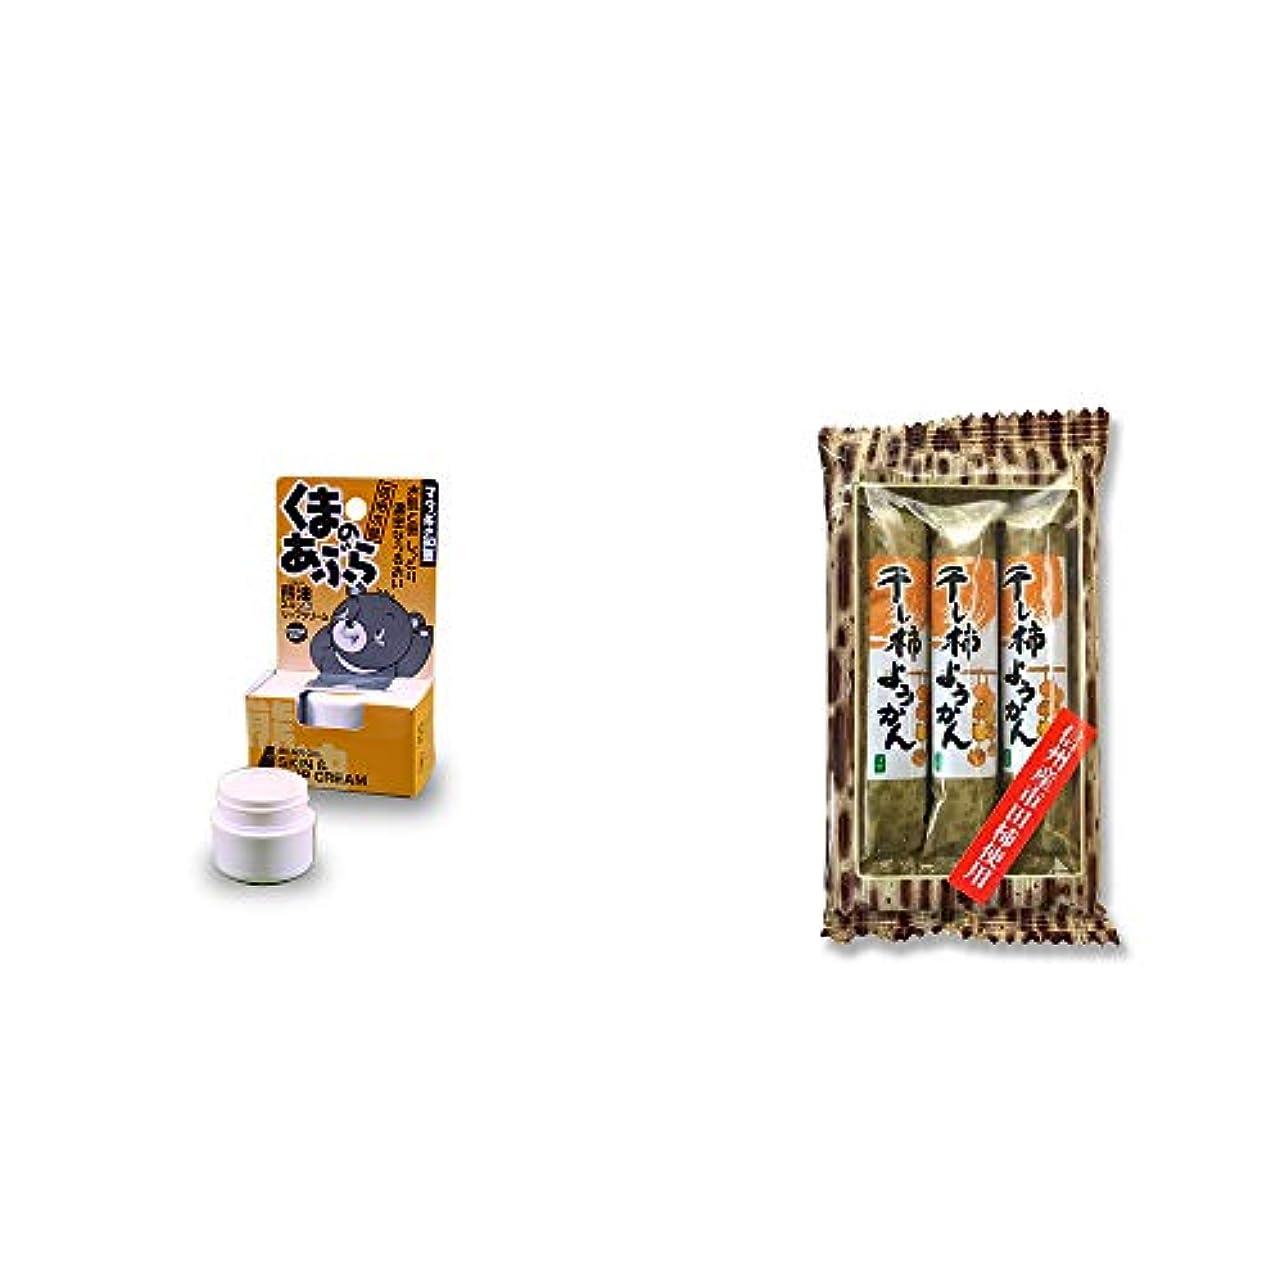 ダウンタウンゲートウェイ囲む[2点セット] 信州木曽 くまのあぶら 熊油スキン&リップクリーム(9g)?信州産市田柿使用 スティックようかん[柿](50g×3本)